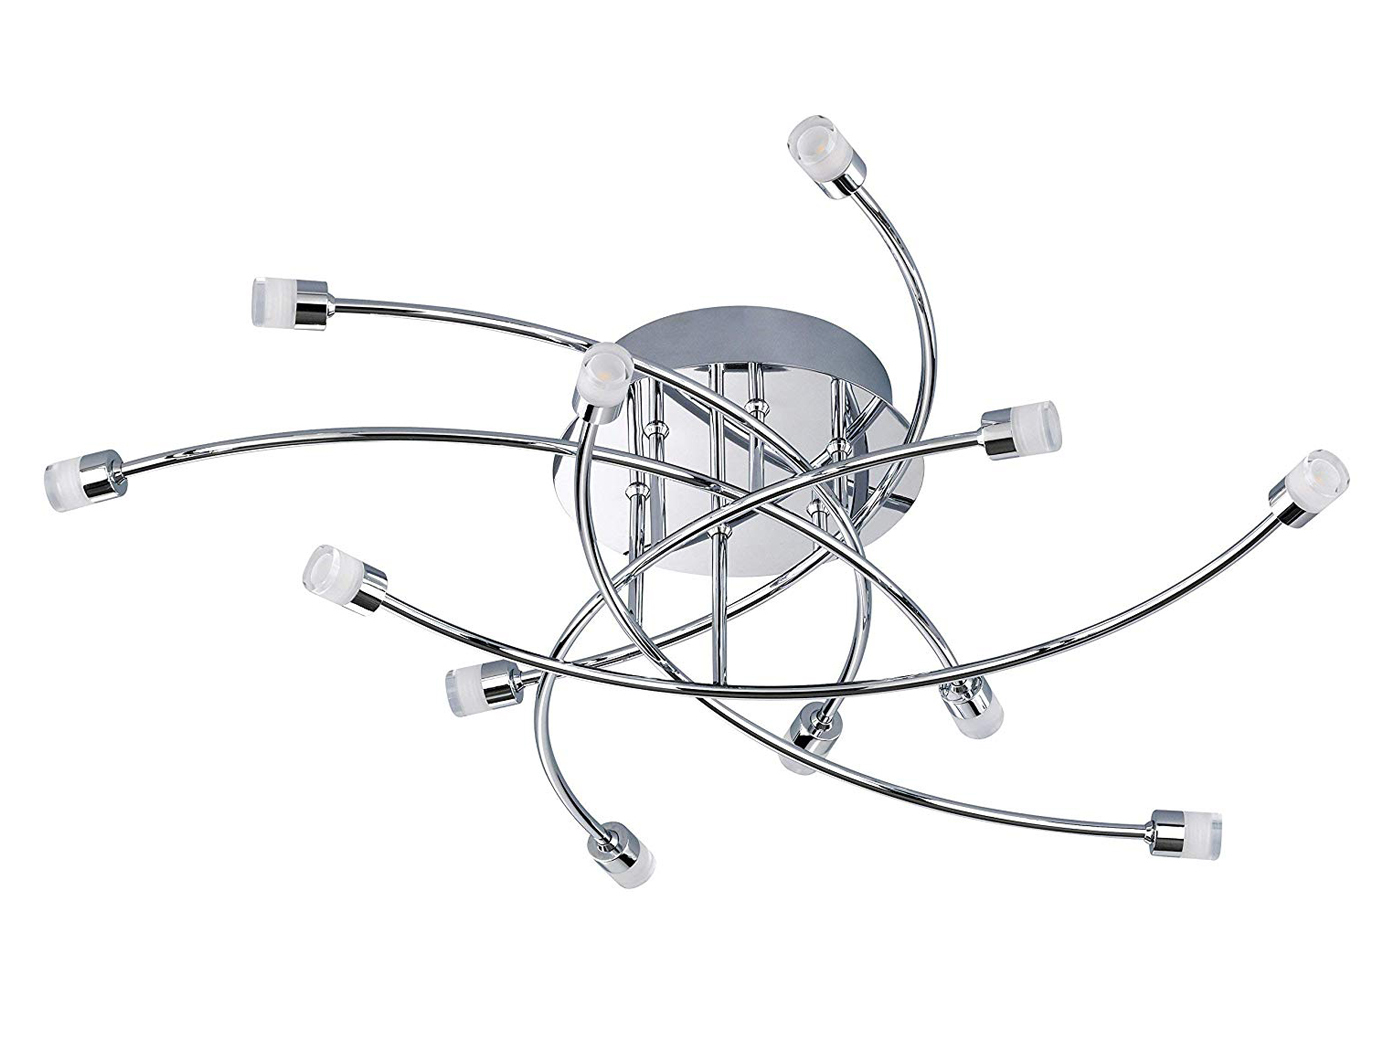 led-deckenleuchte / deckenlampe star led, Ø 64 cm, honsel | ebay